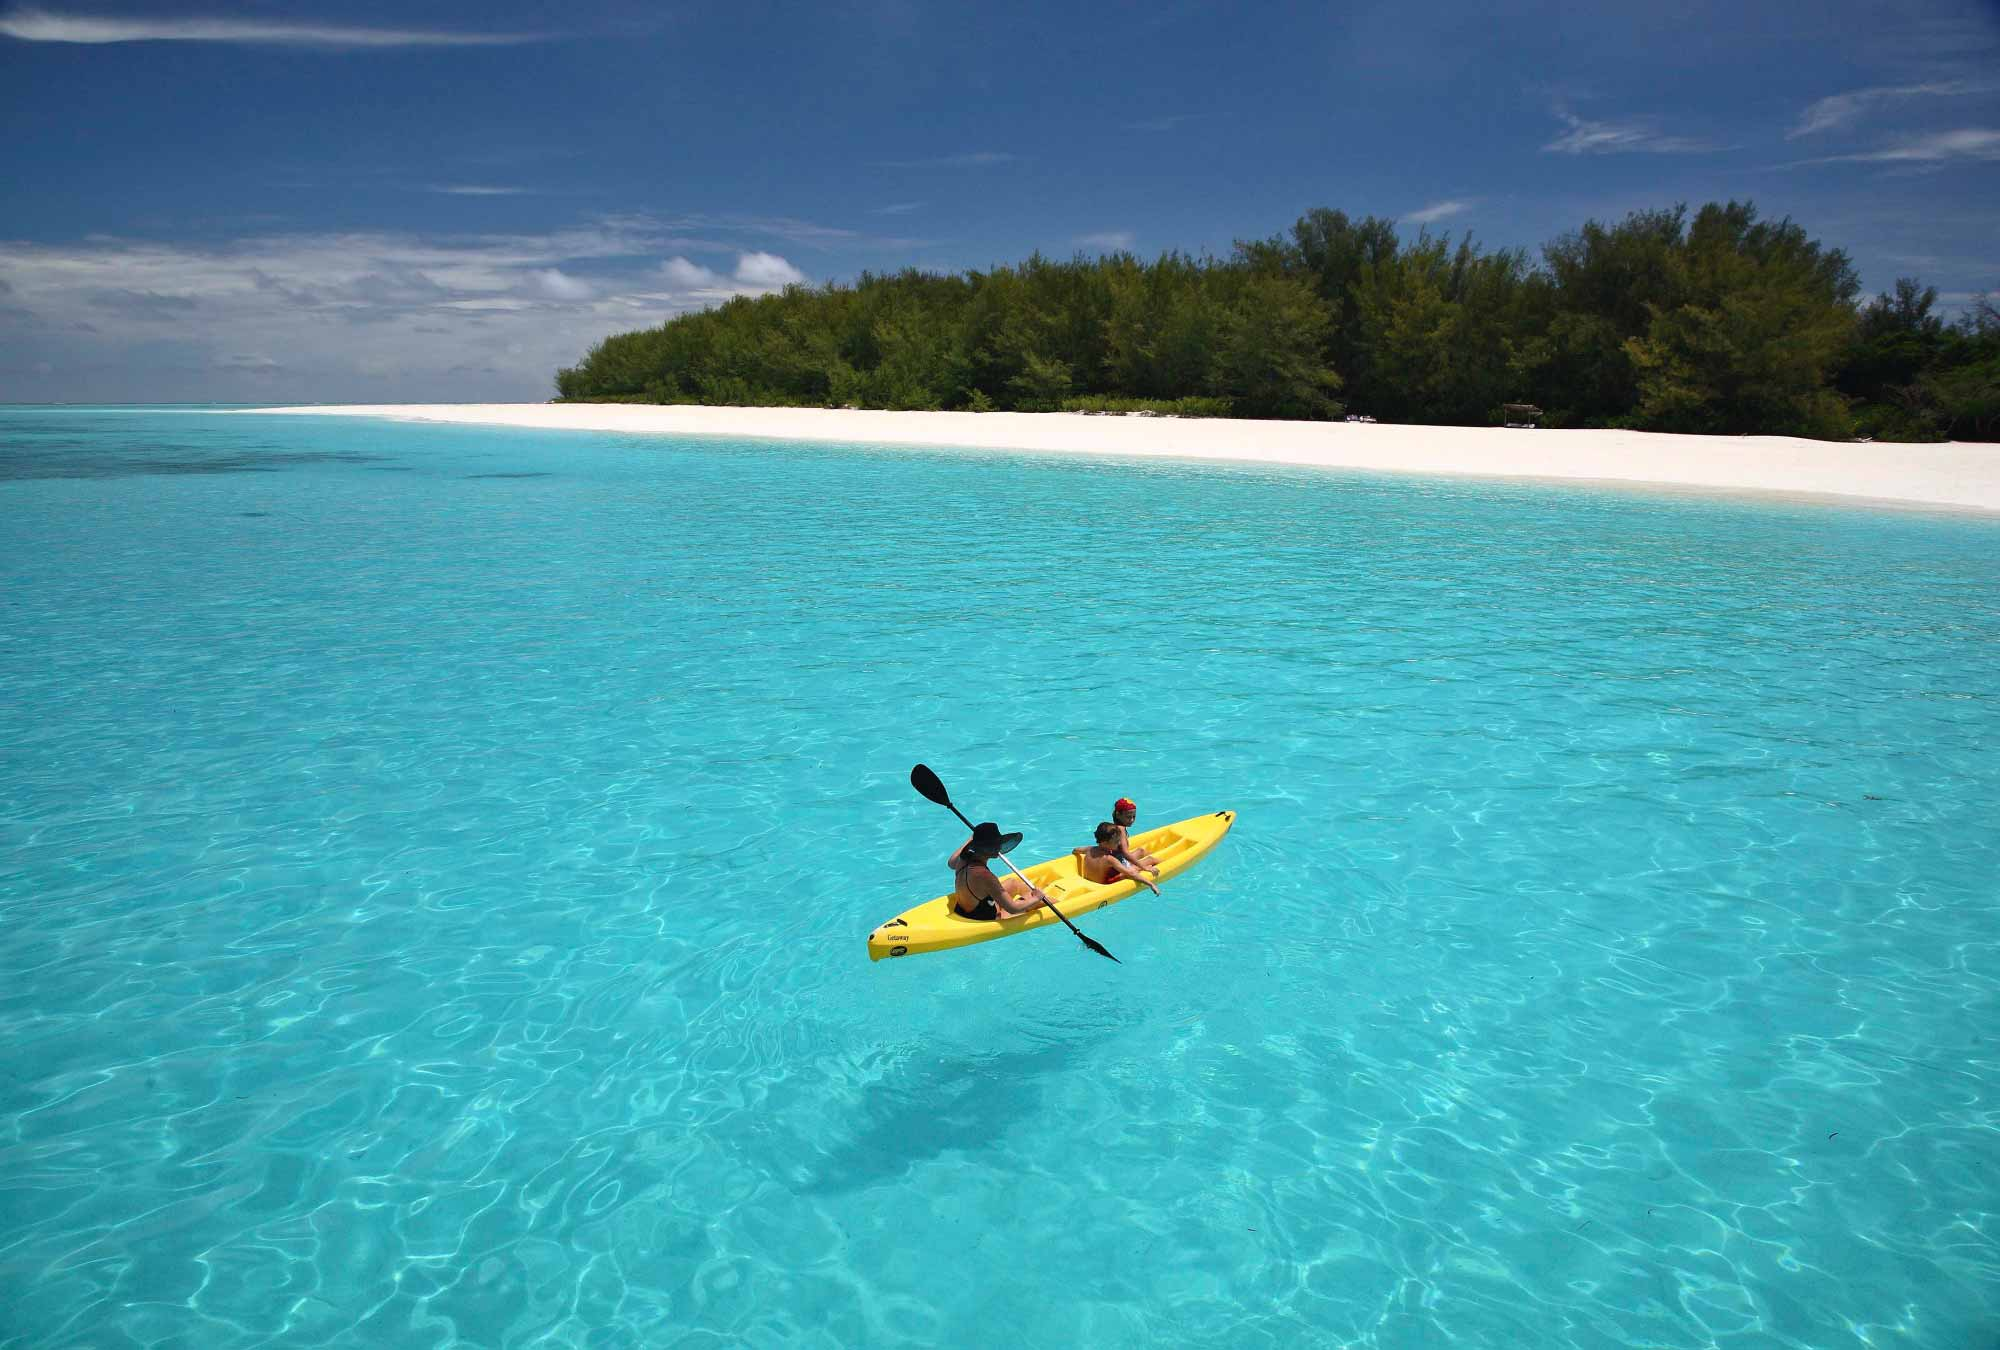 enkosi-africa-safari-zanzibar-mnemba-island-kayak